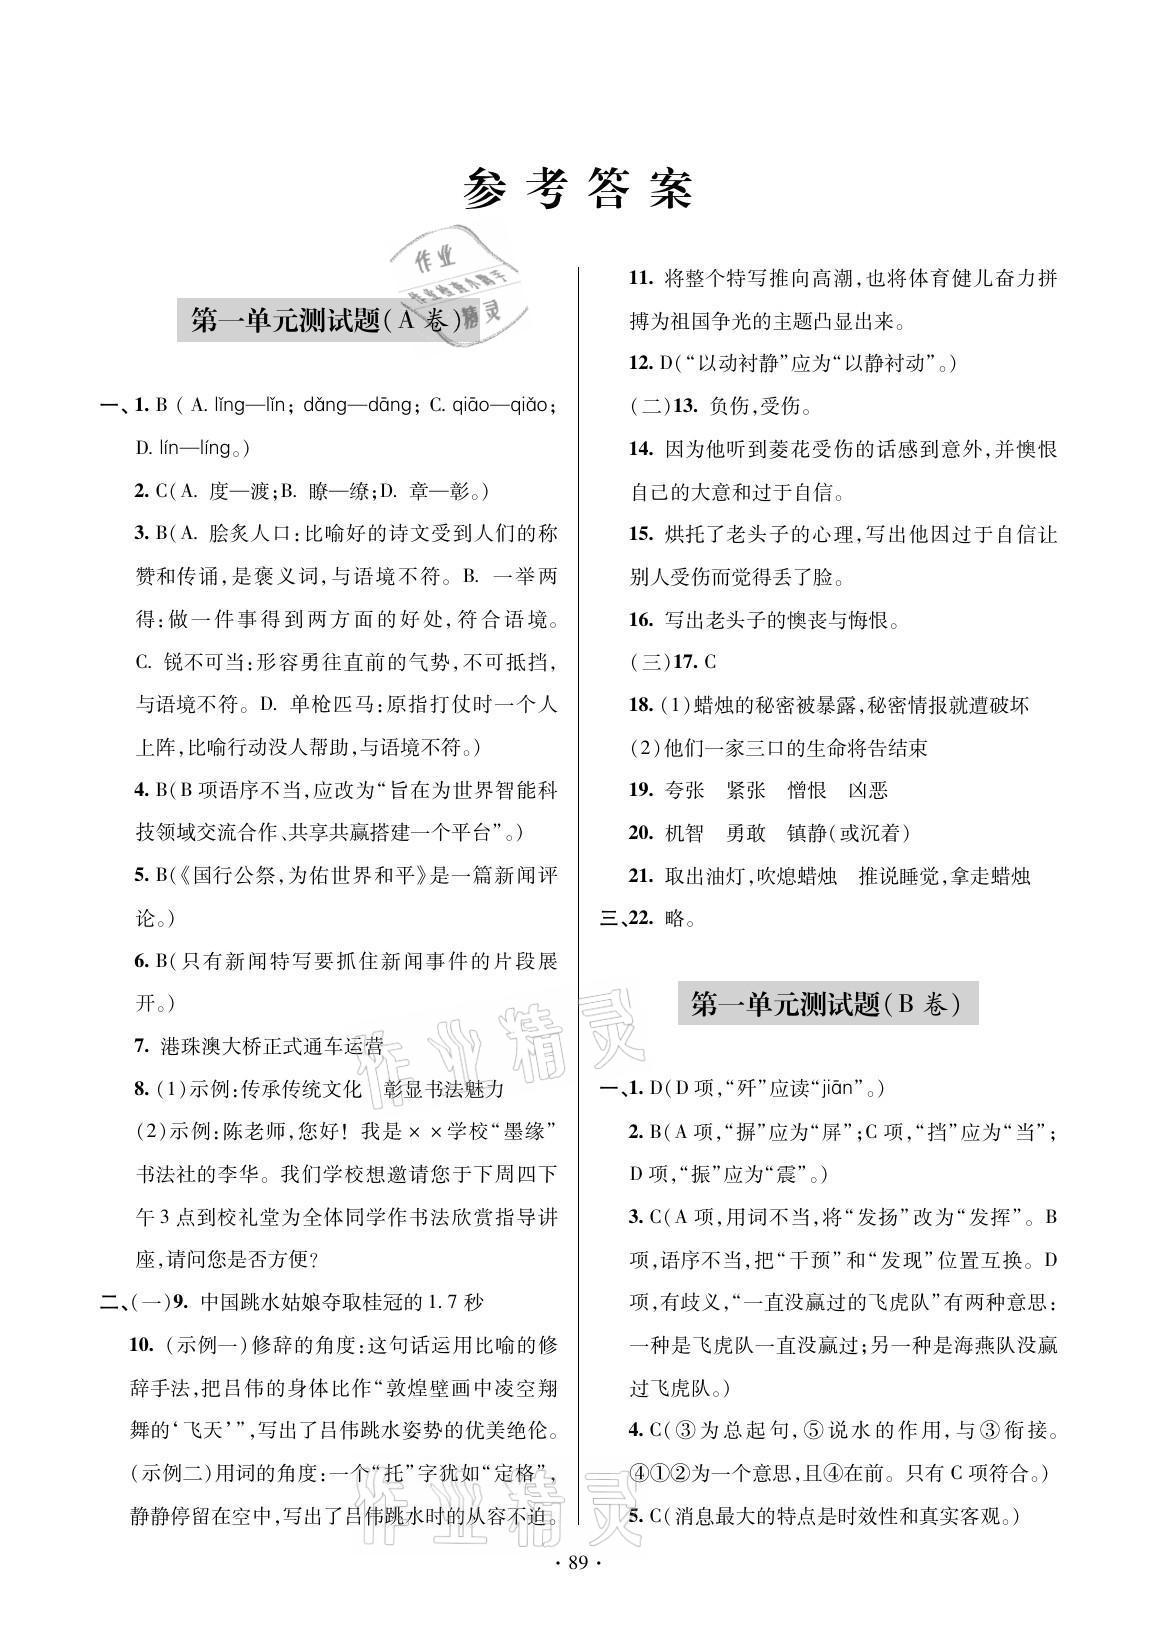 2021年单元自测试卷八年级语文上册人教版参考答案第1页